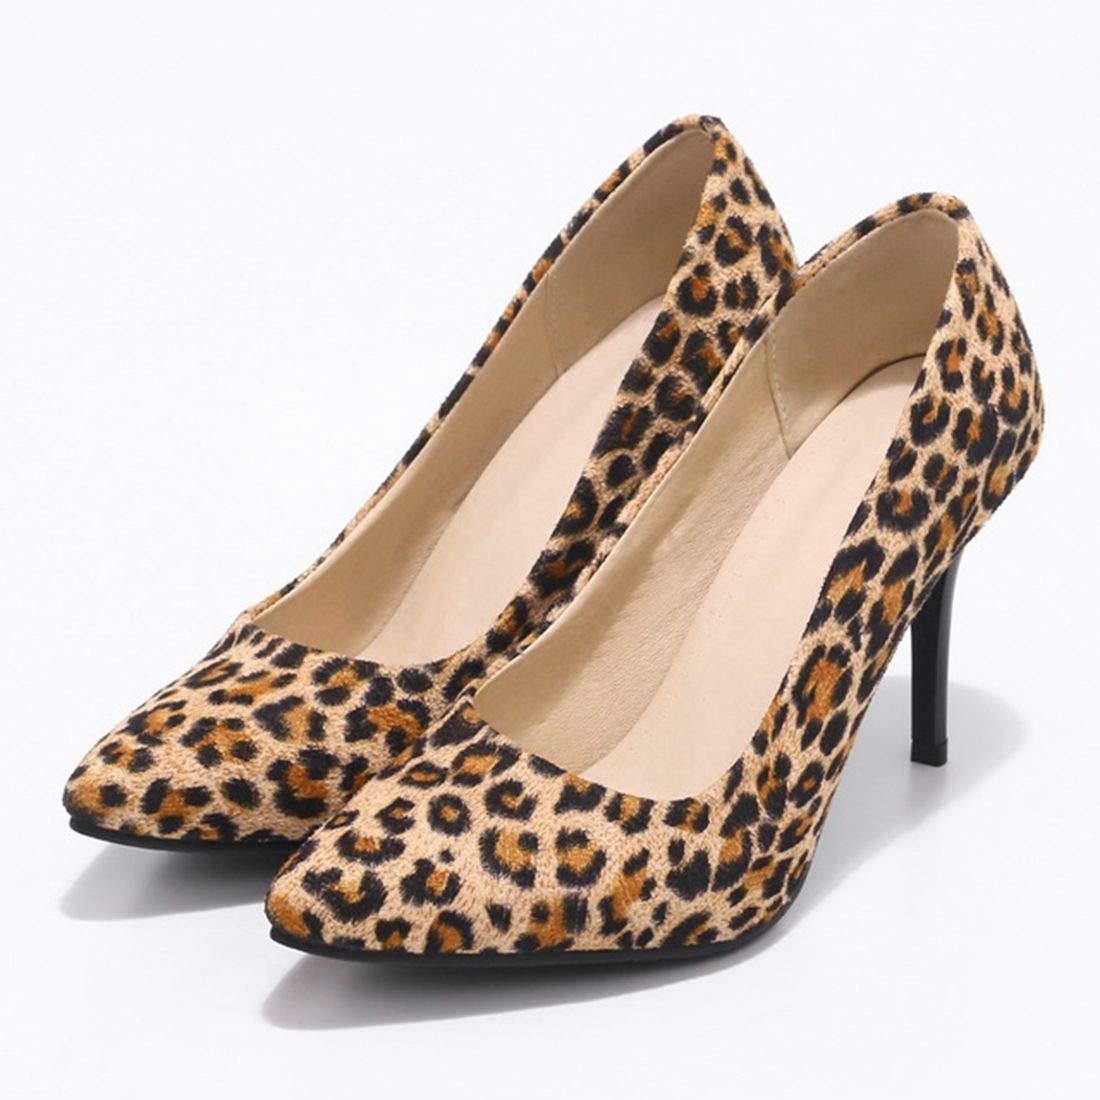 ba3c80a1b932 Amazon.com   Vitalo Womens Leopard Print High Heel Stiletto Pumps Ladies  Classic Court Shoes   Pumps